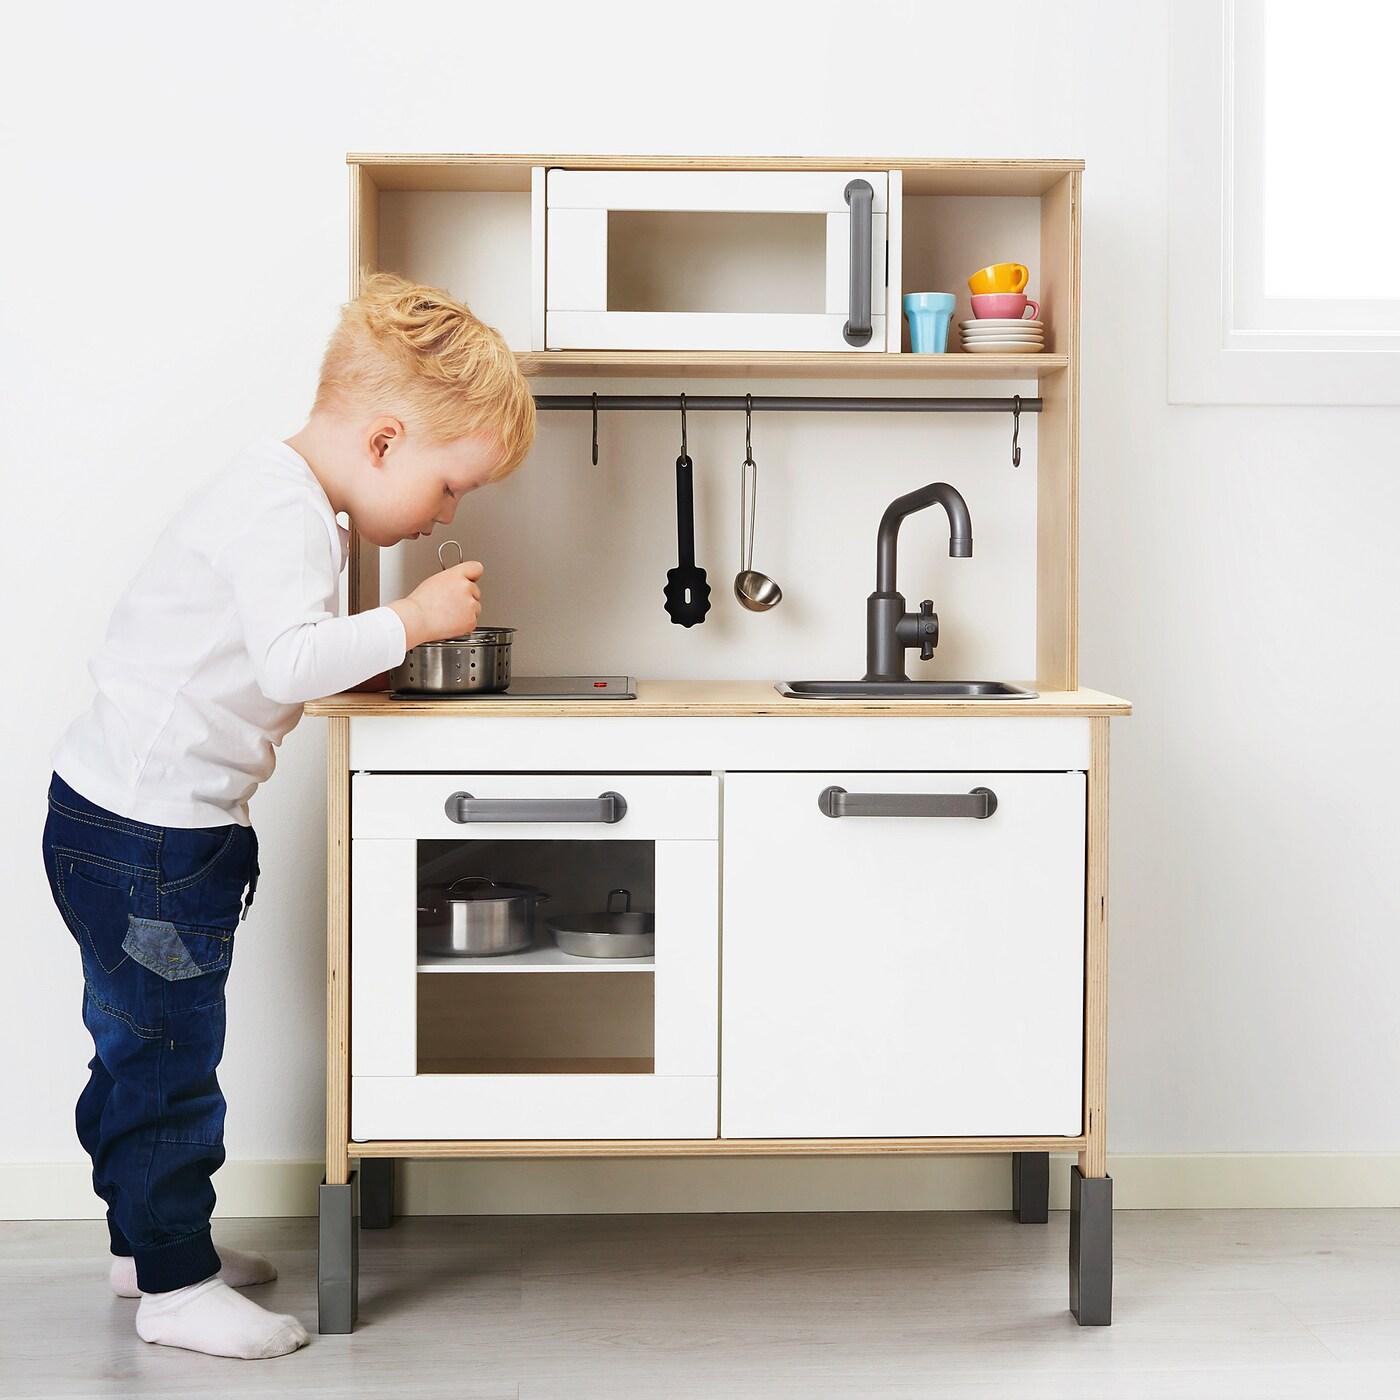 Duktig Kinderkuche Perfekt Fur Kleine Und Grosse Koche Ikea Osterreich